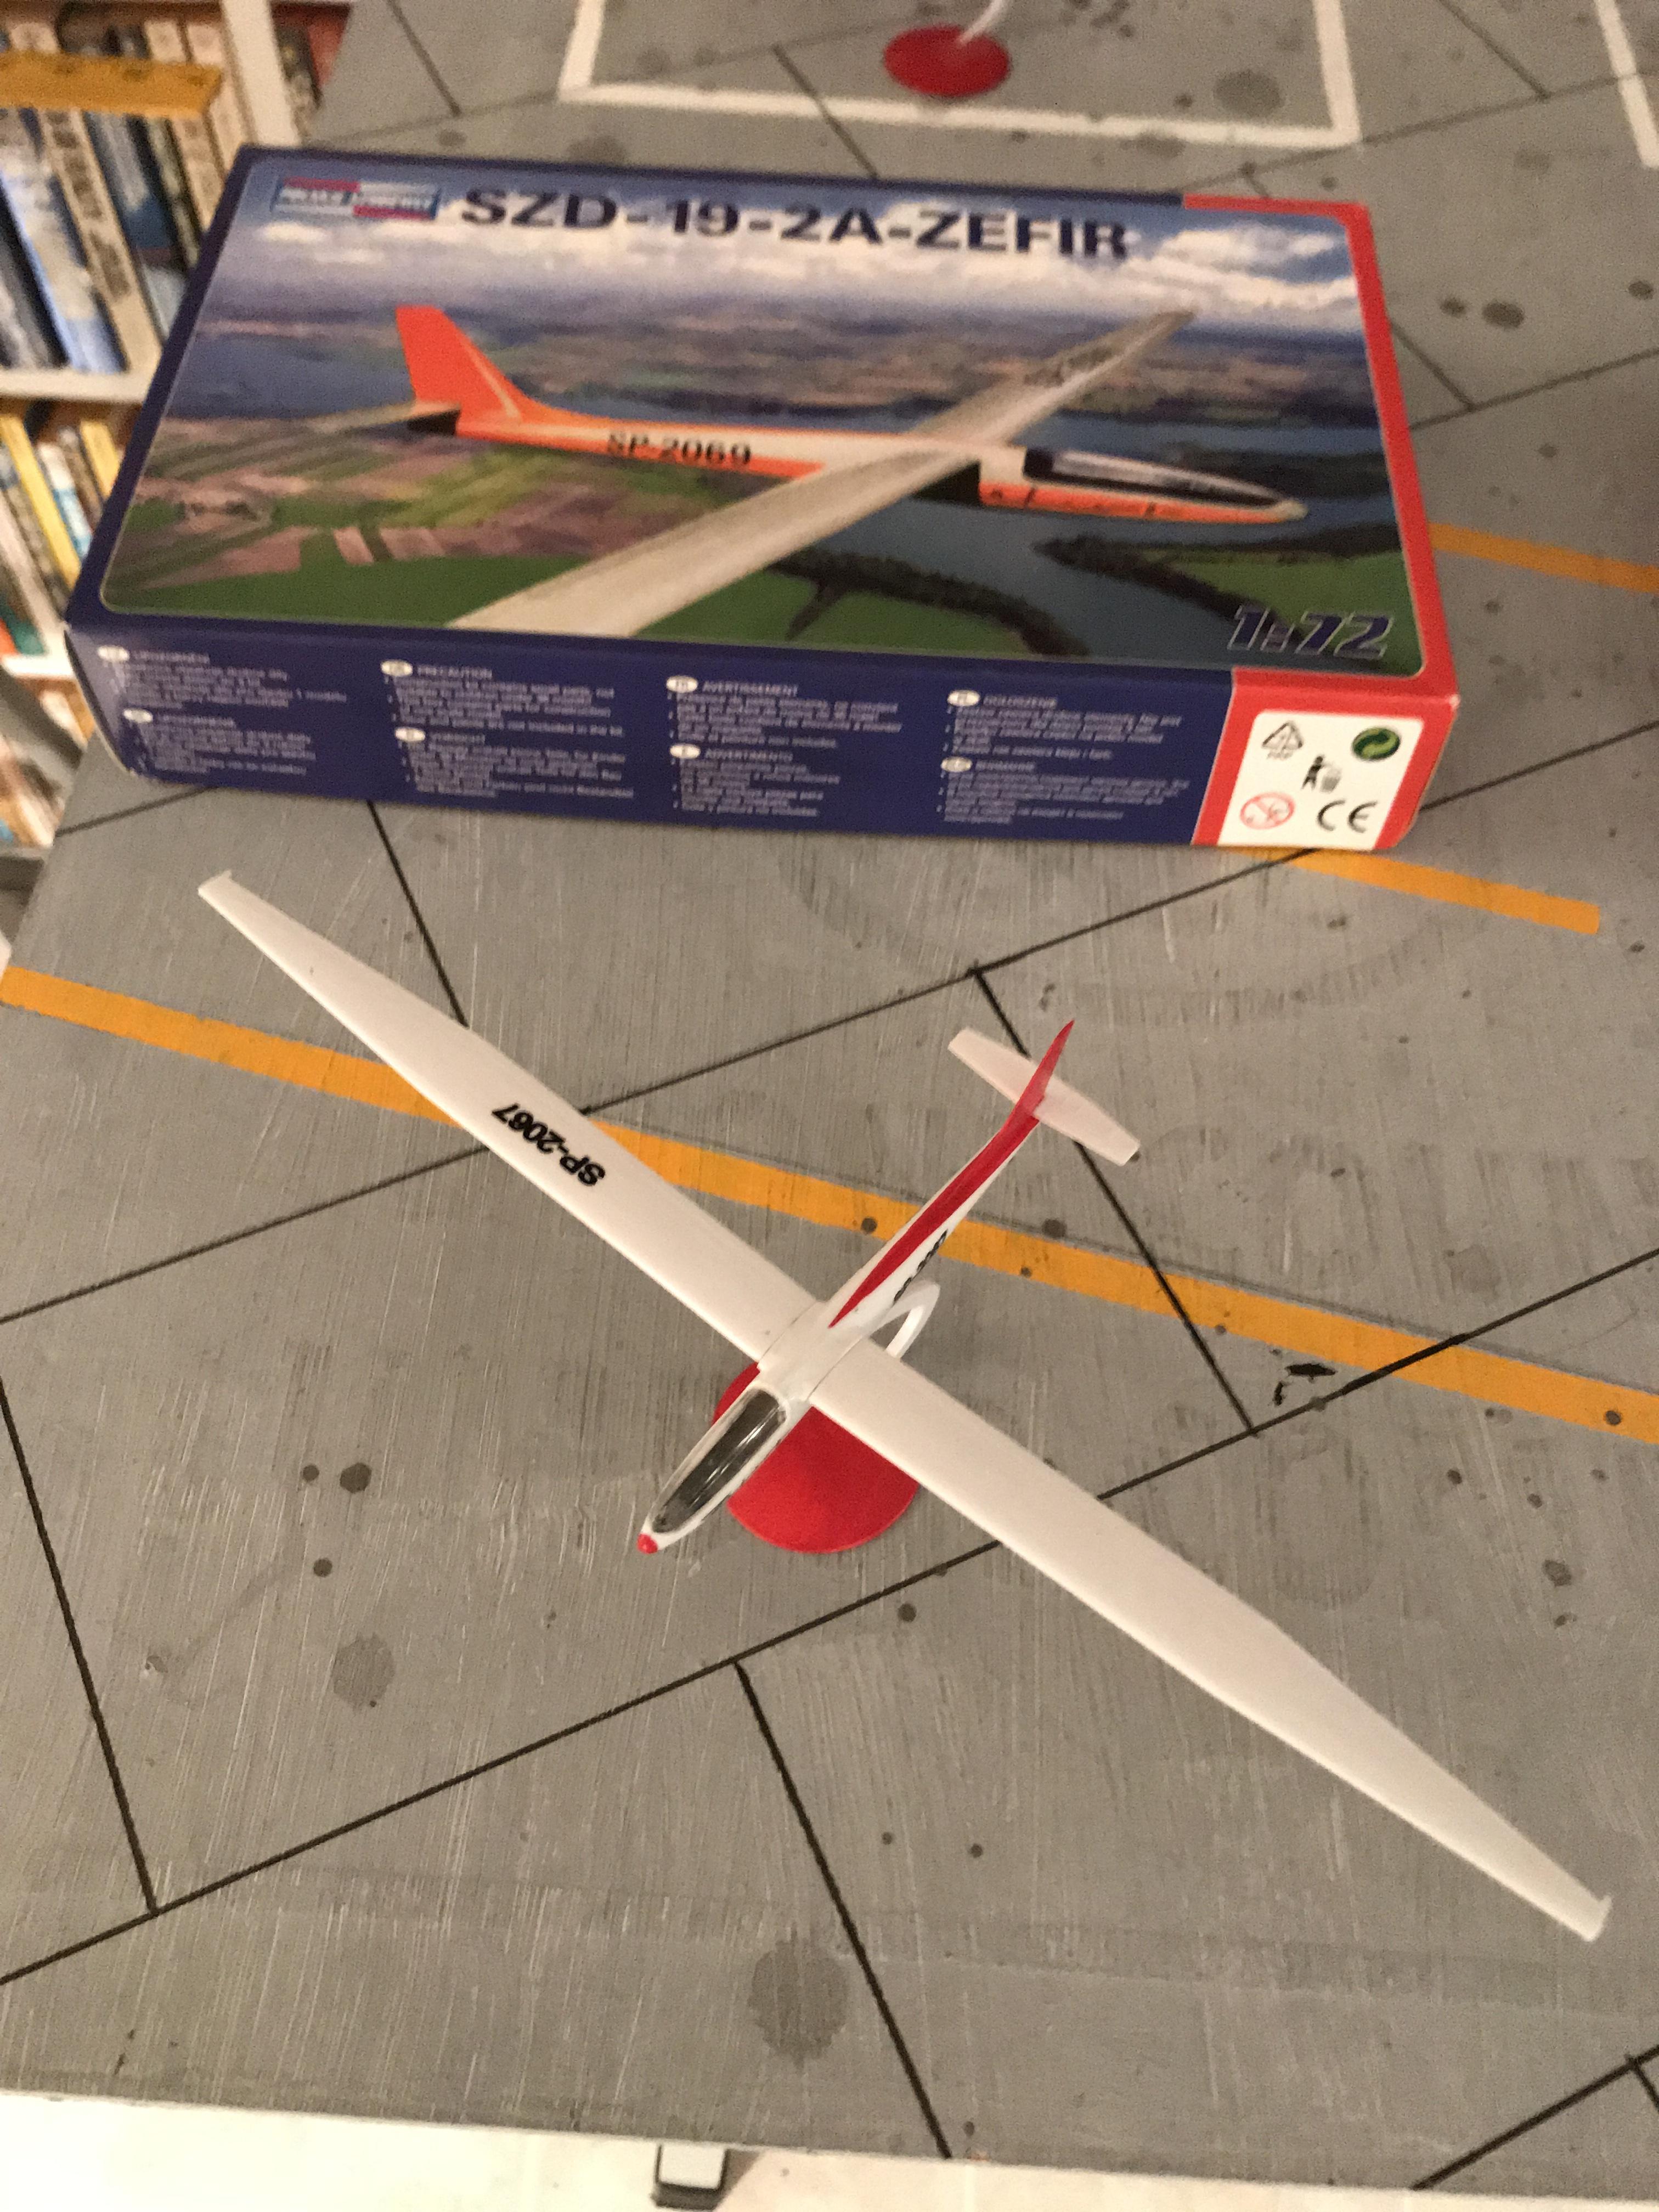 E5ADC502-1066-4DAF-A15E-460B28B84AEF.jpeg